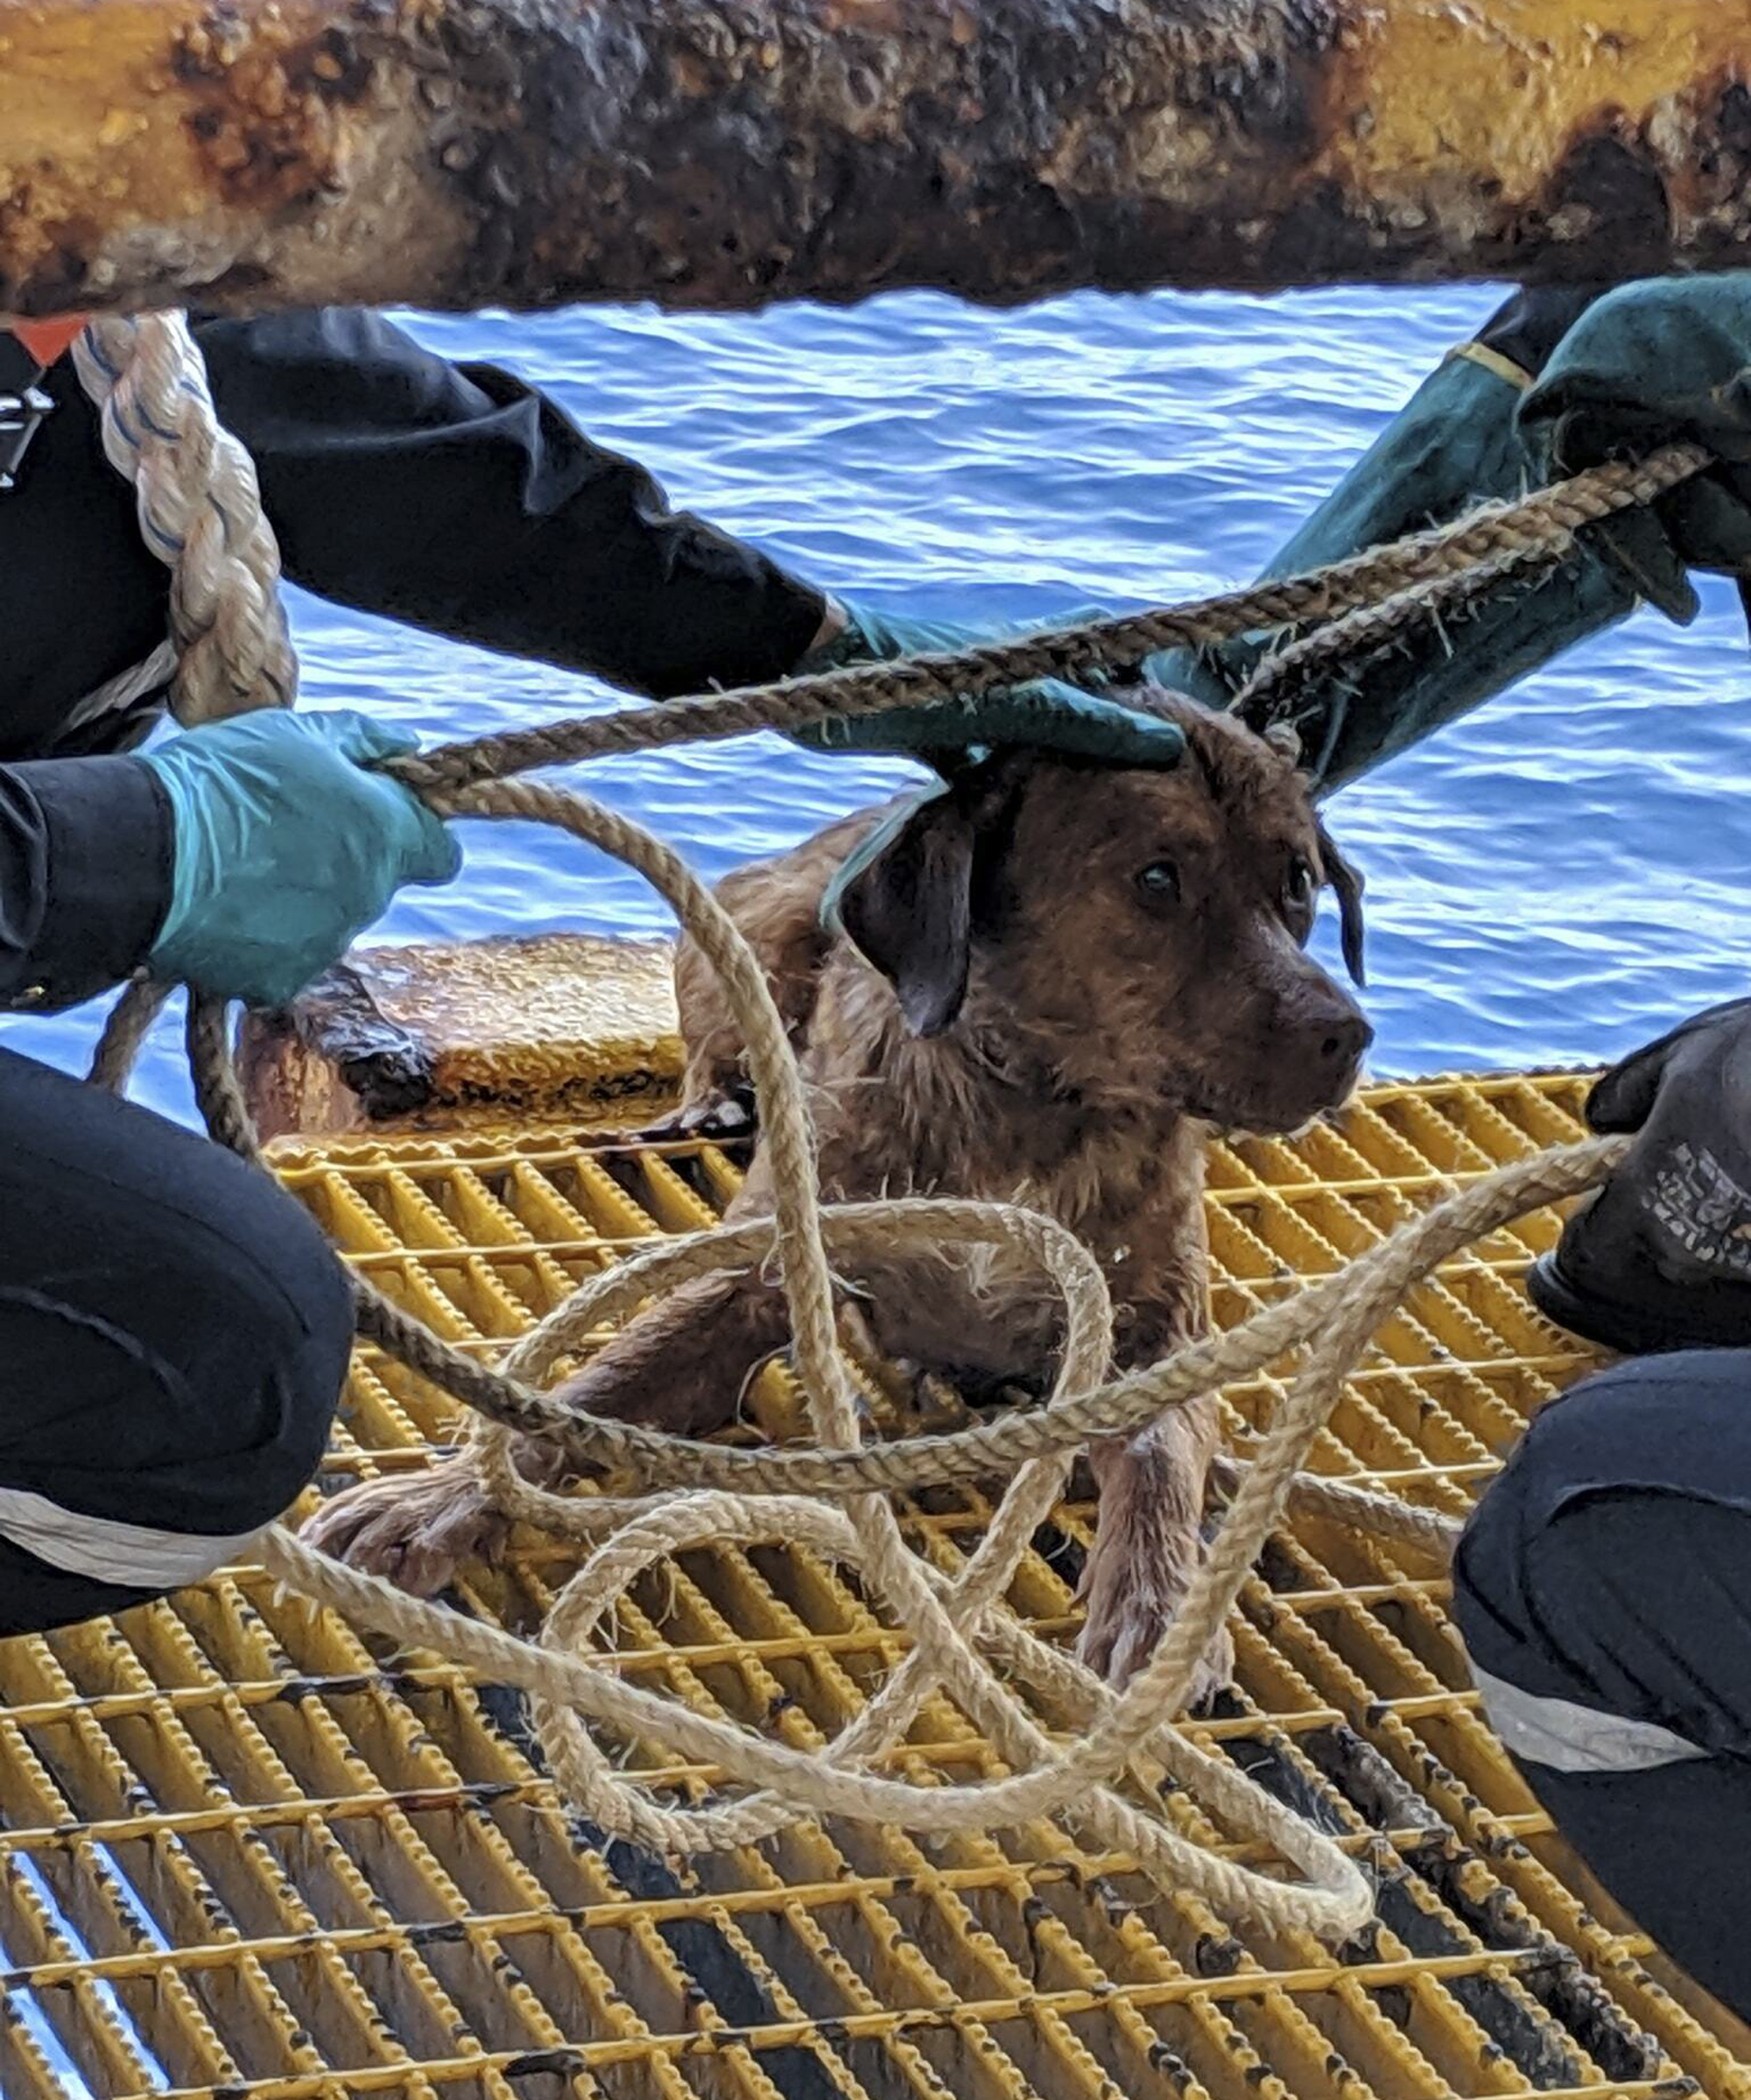 석유 굴착 작업자들은 로프를 분로드에 목에 걸어 끌어올리는 방식으로 이 개를 구조했다. [AP=연합뉴스]